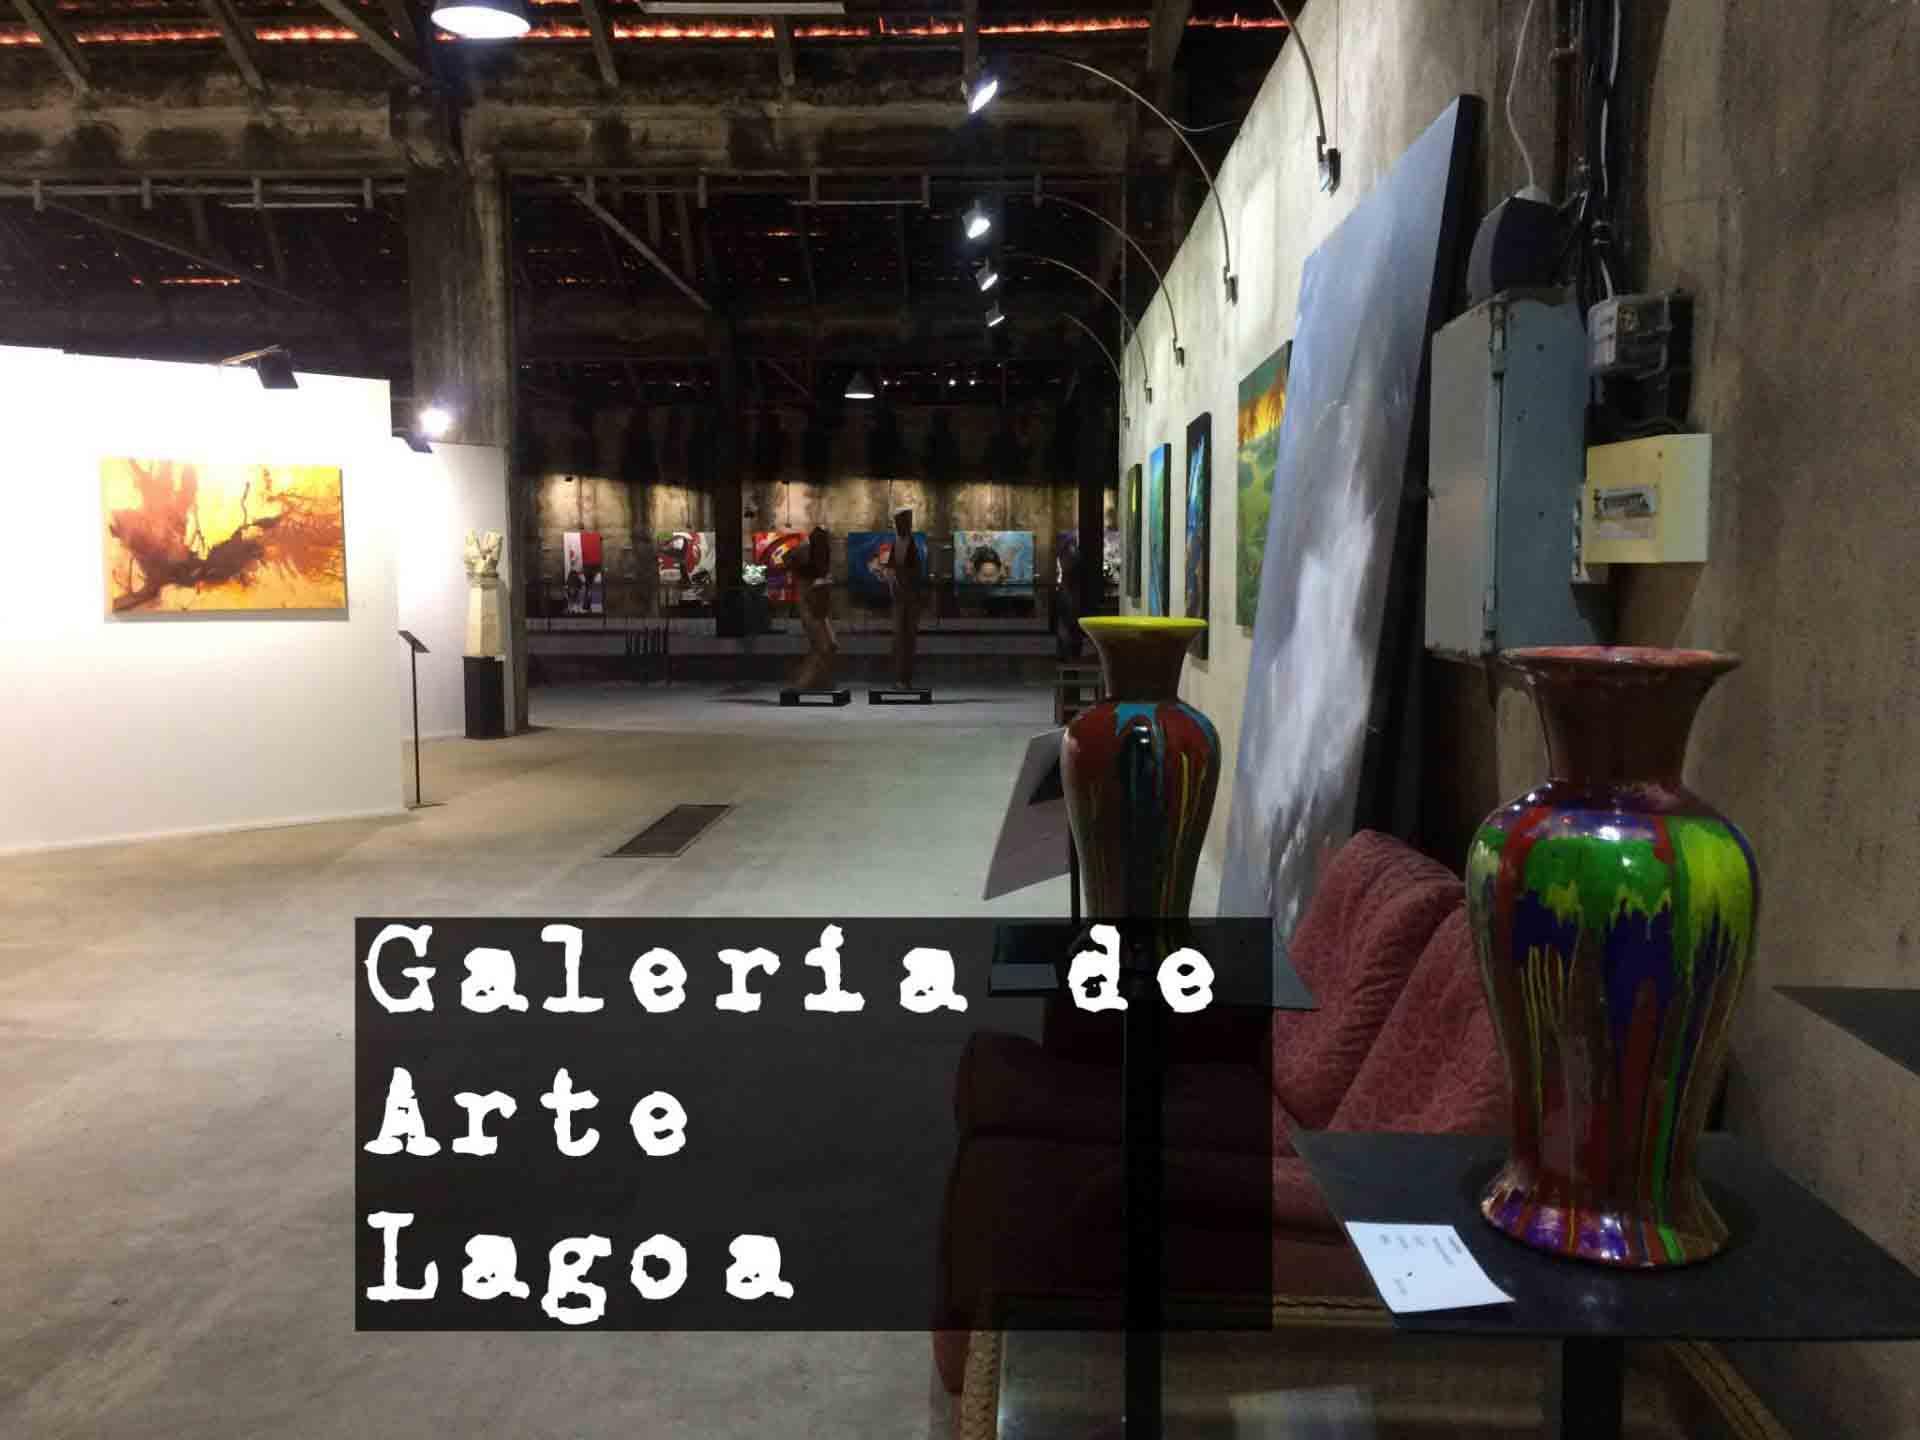 Galeria de Arte Lagoa